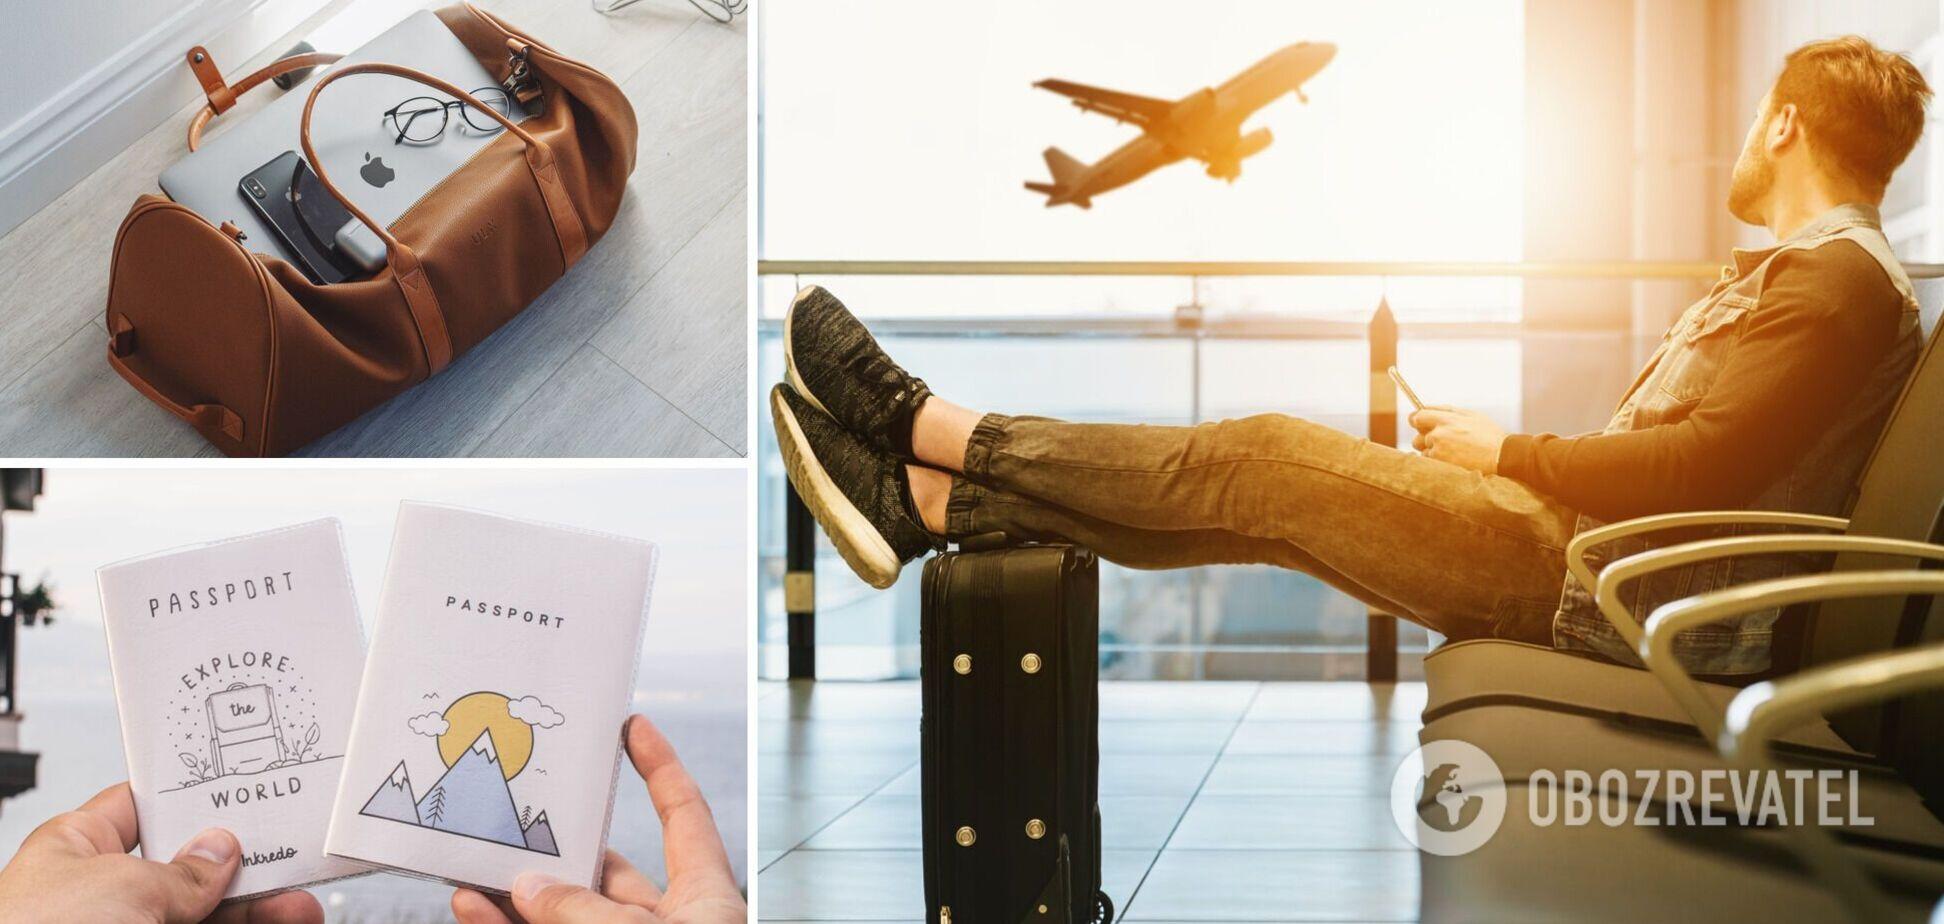 Как отдохнуть без забот: топ-10 хитростей для туристов